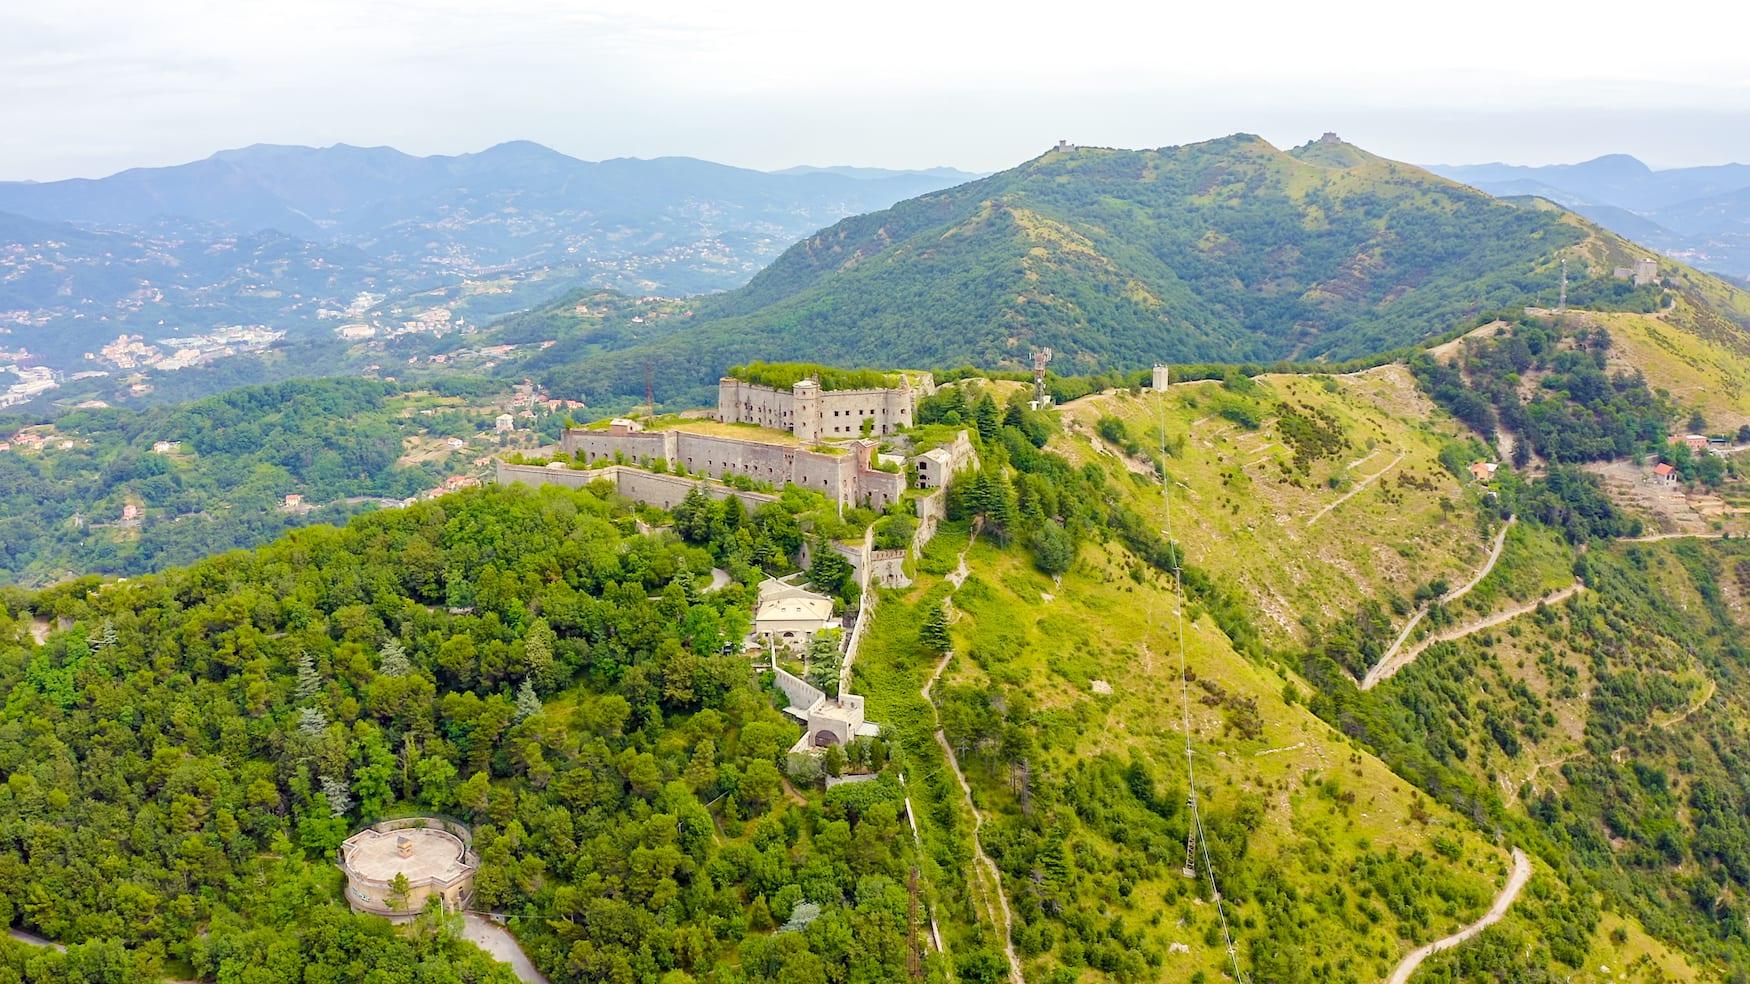 In Genua genießt man auf diversen Aussichtspunkten wie etwa an der Forte Sperona tolle Ausblicke auf das umliegende Tal